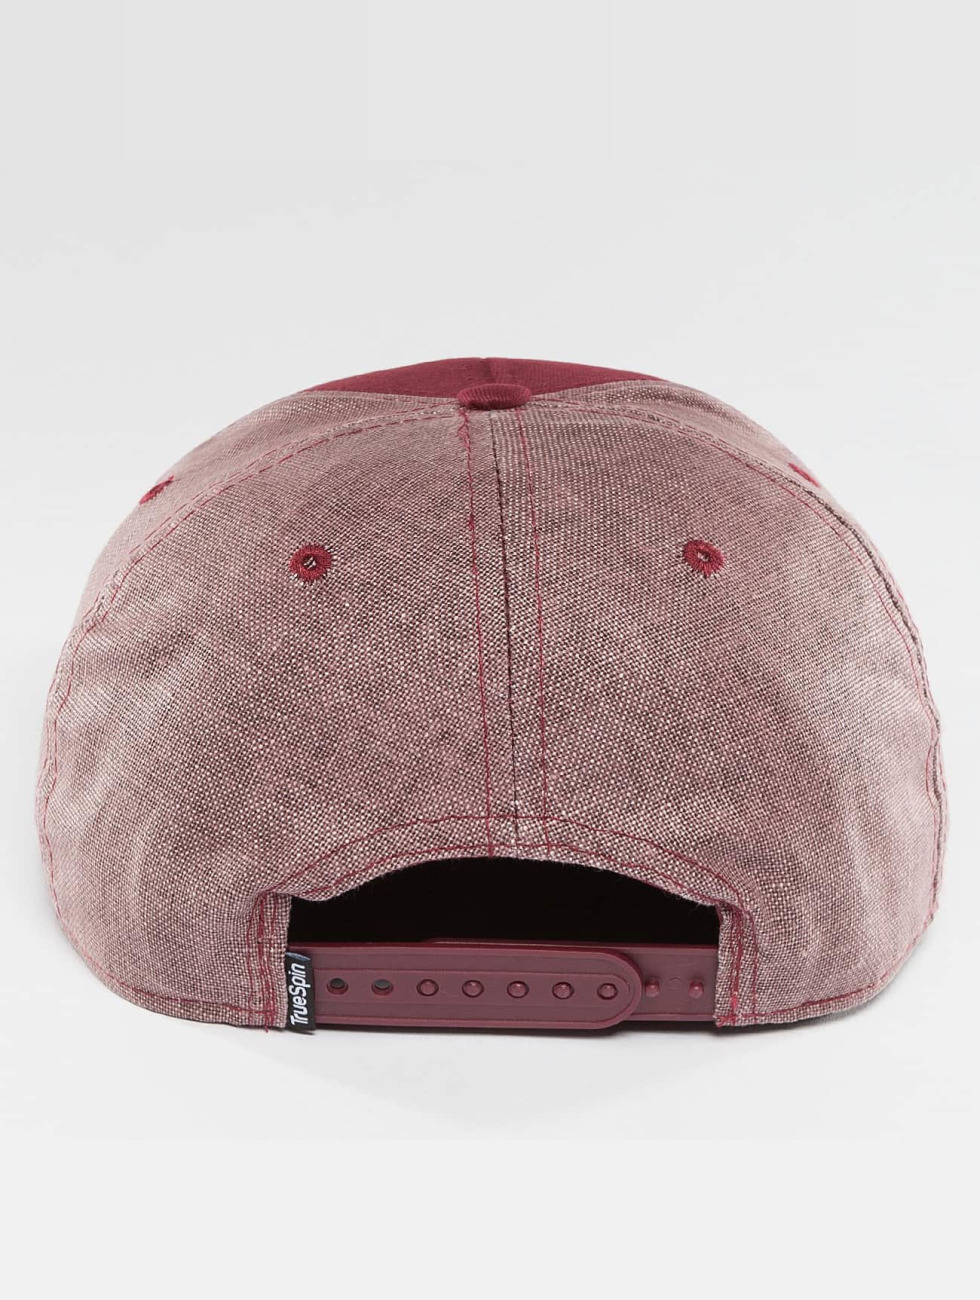 TrueSpin Casquette Snapback & Strapback New Velevet rouge